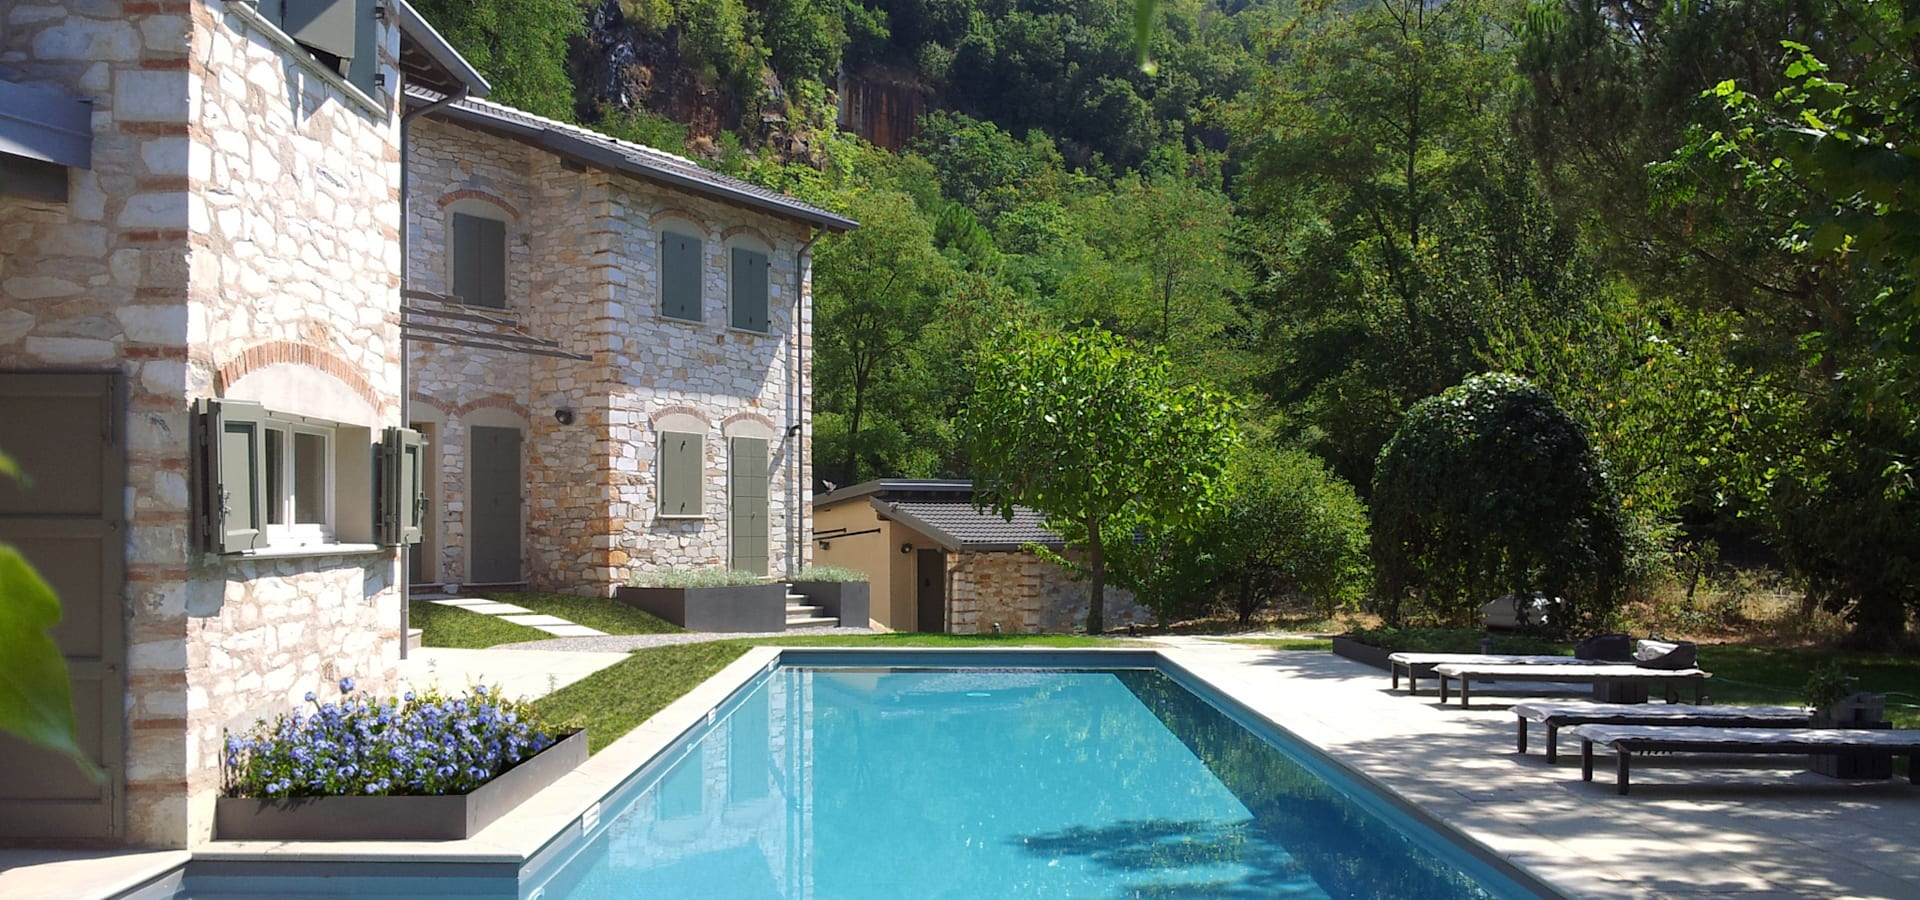 Architetto Silvia Giacobazzi